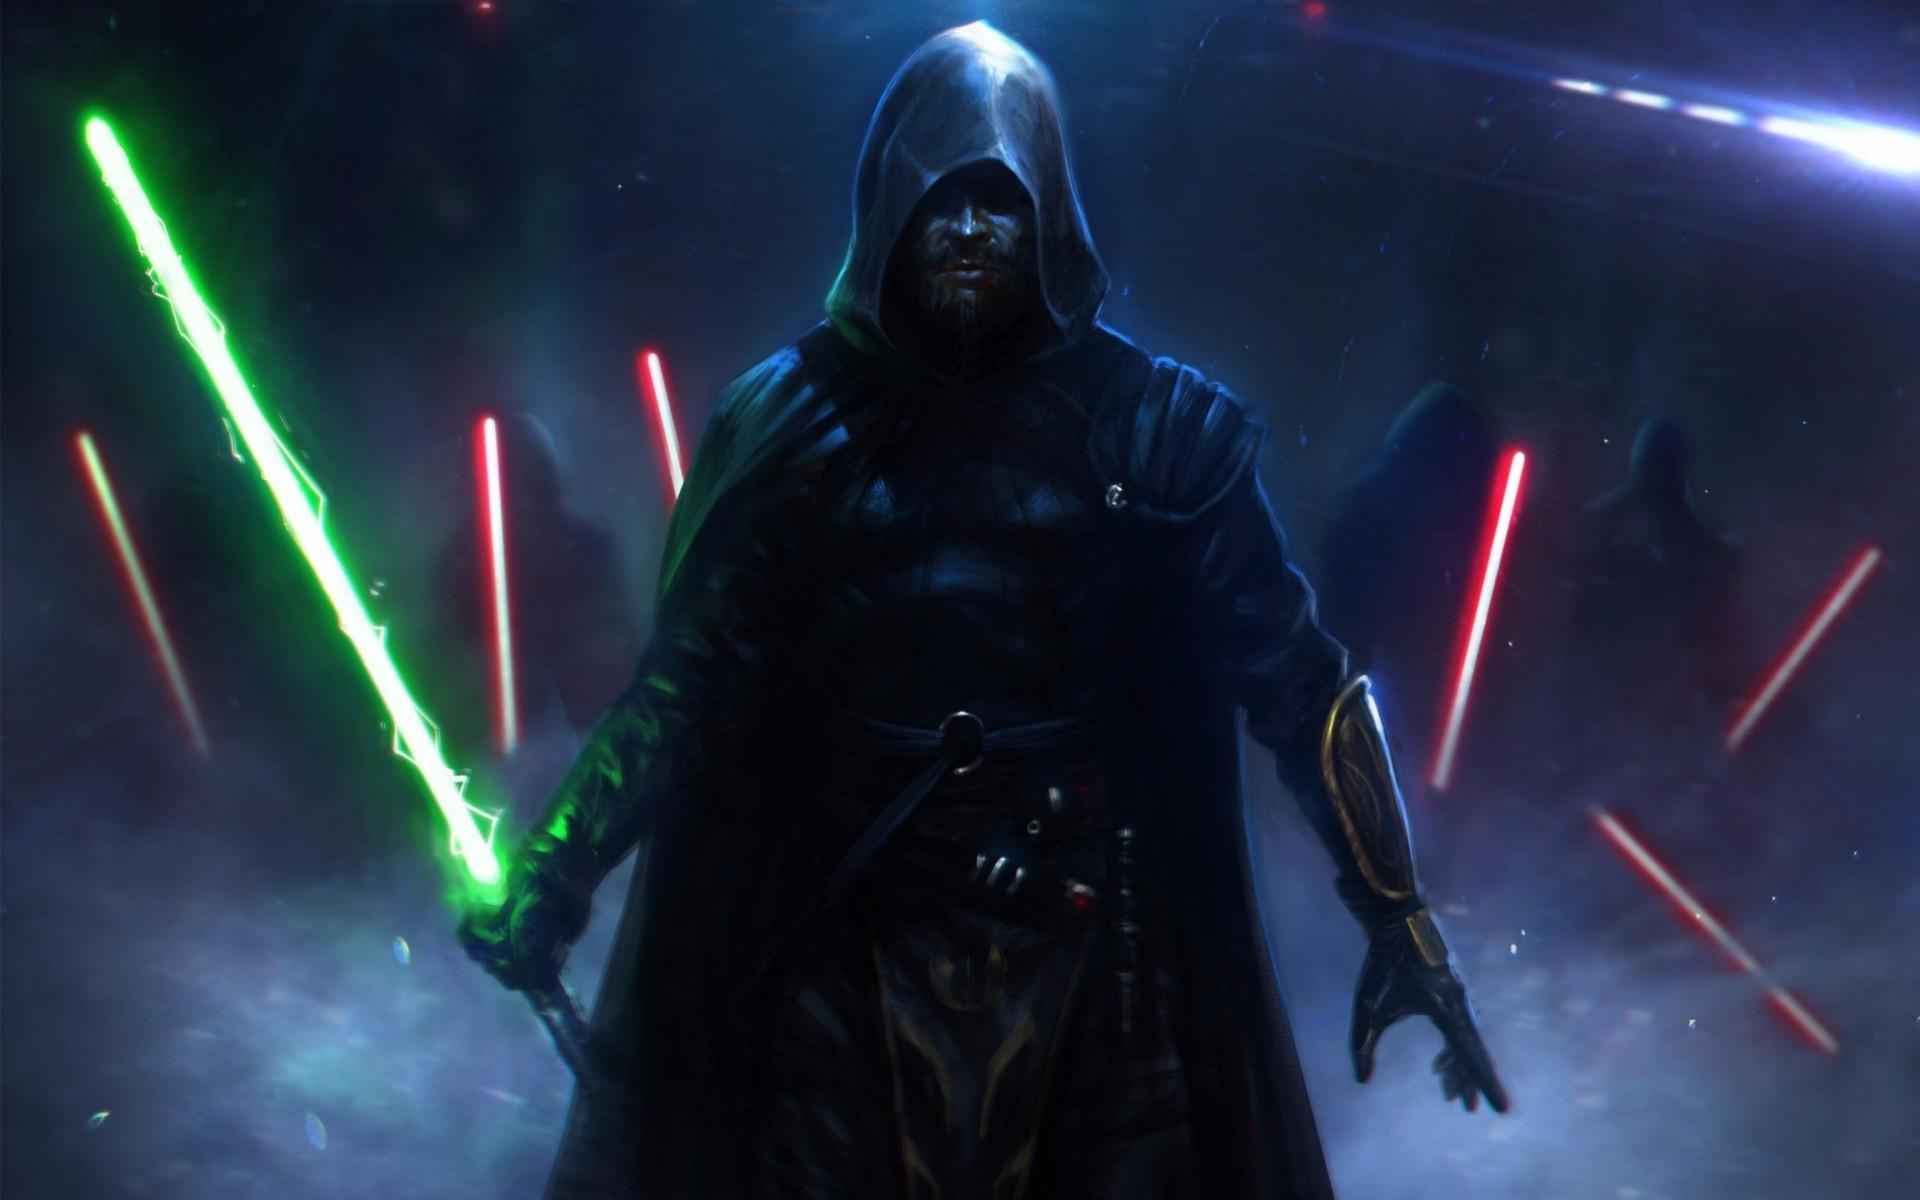 Star Wars Lightsaber Duel Wallpaper Wallpapertag